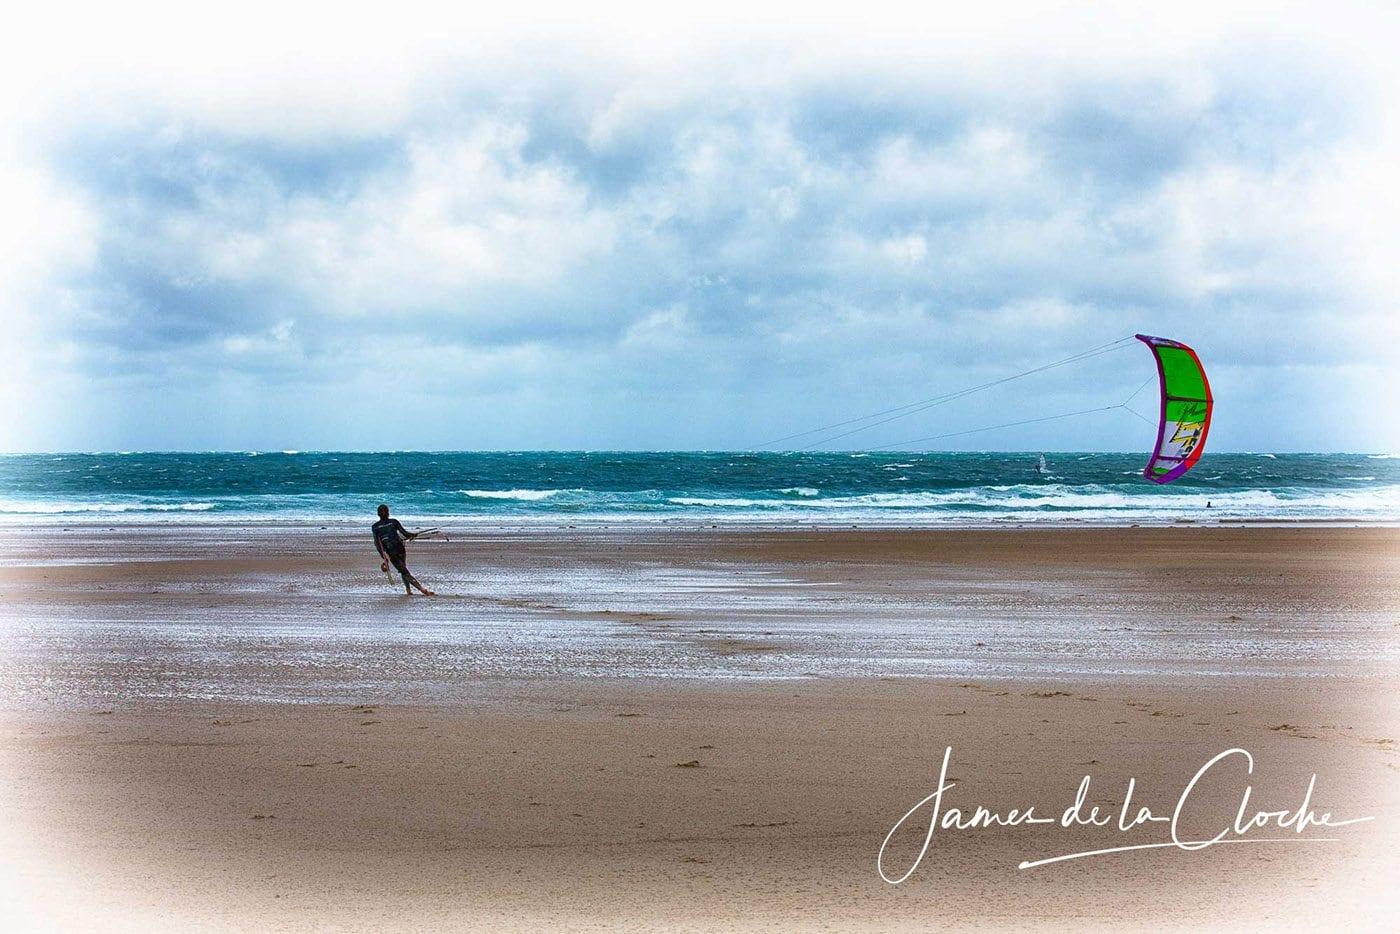 Kite Surfer at StOuen